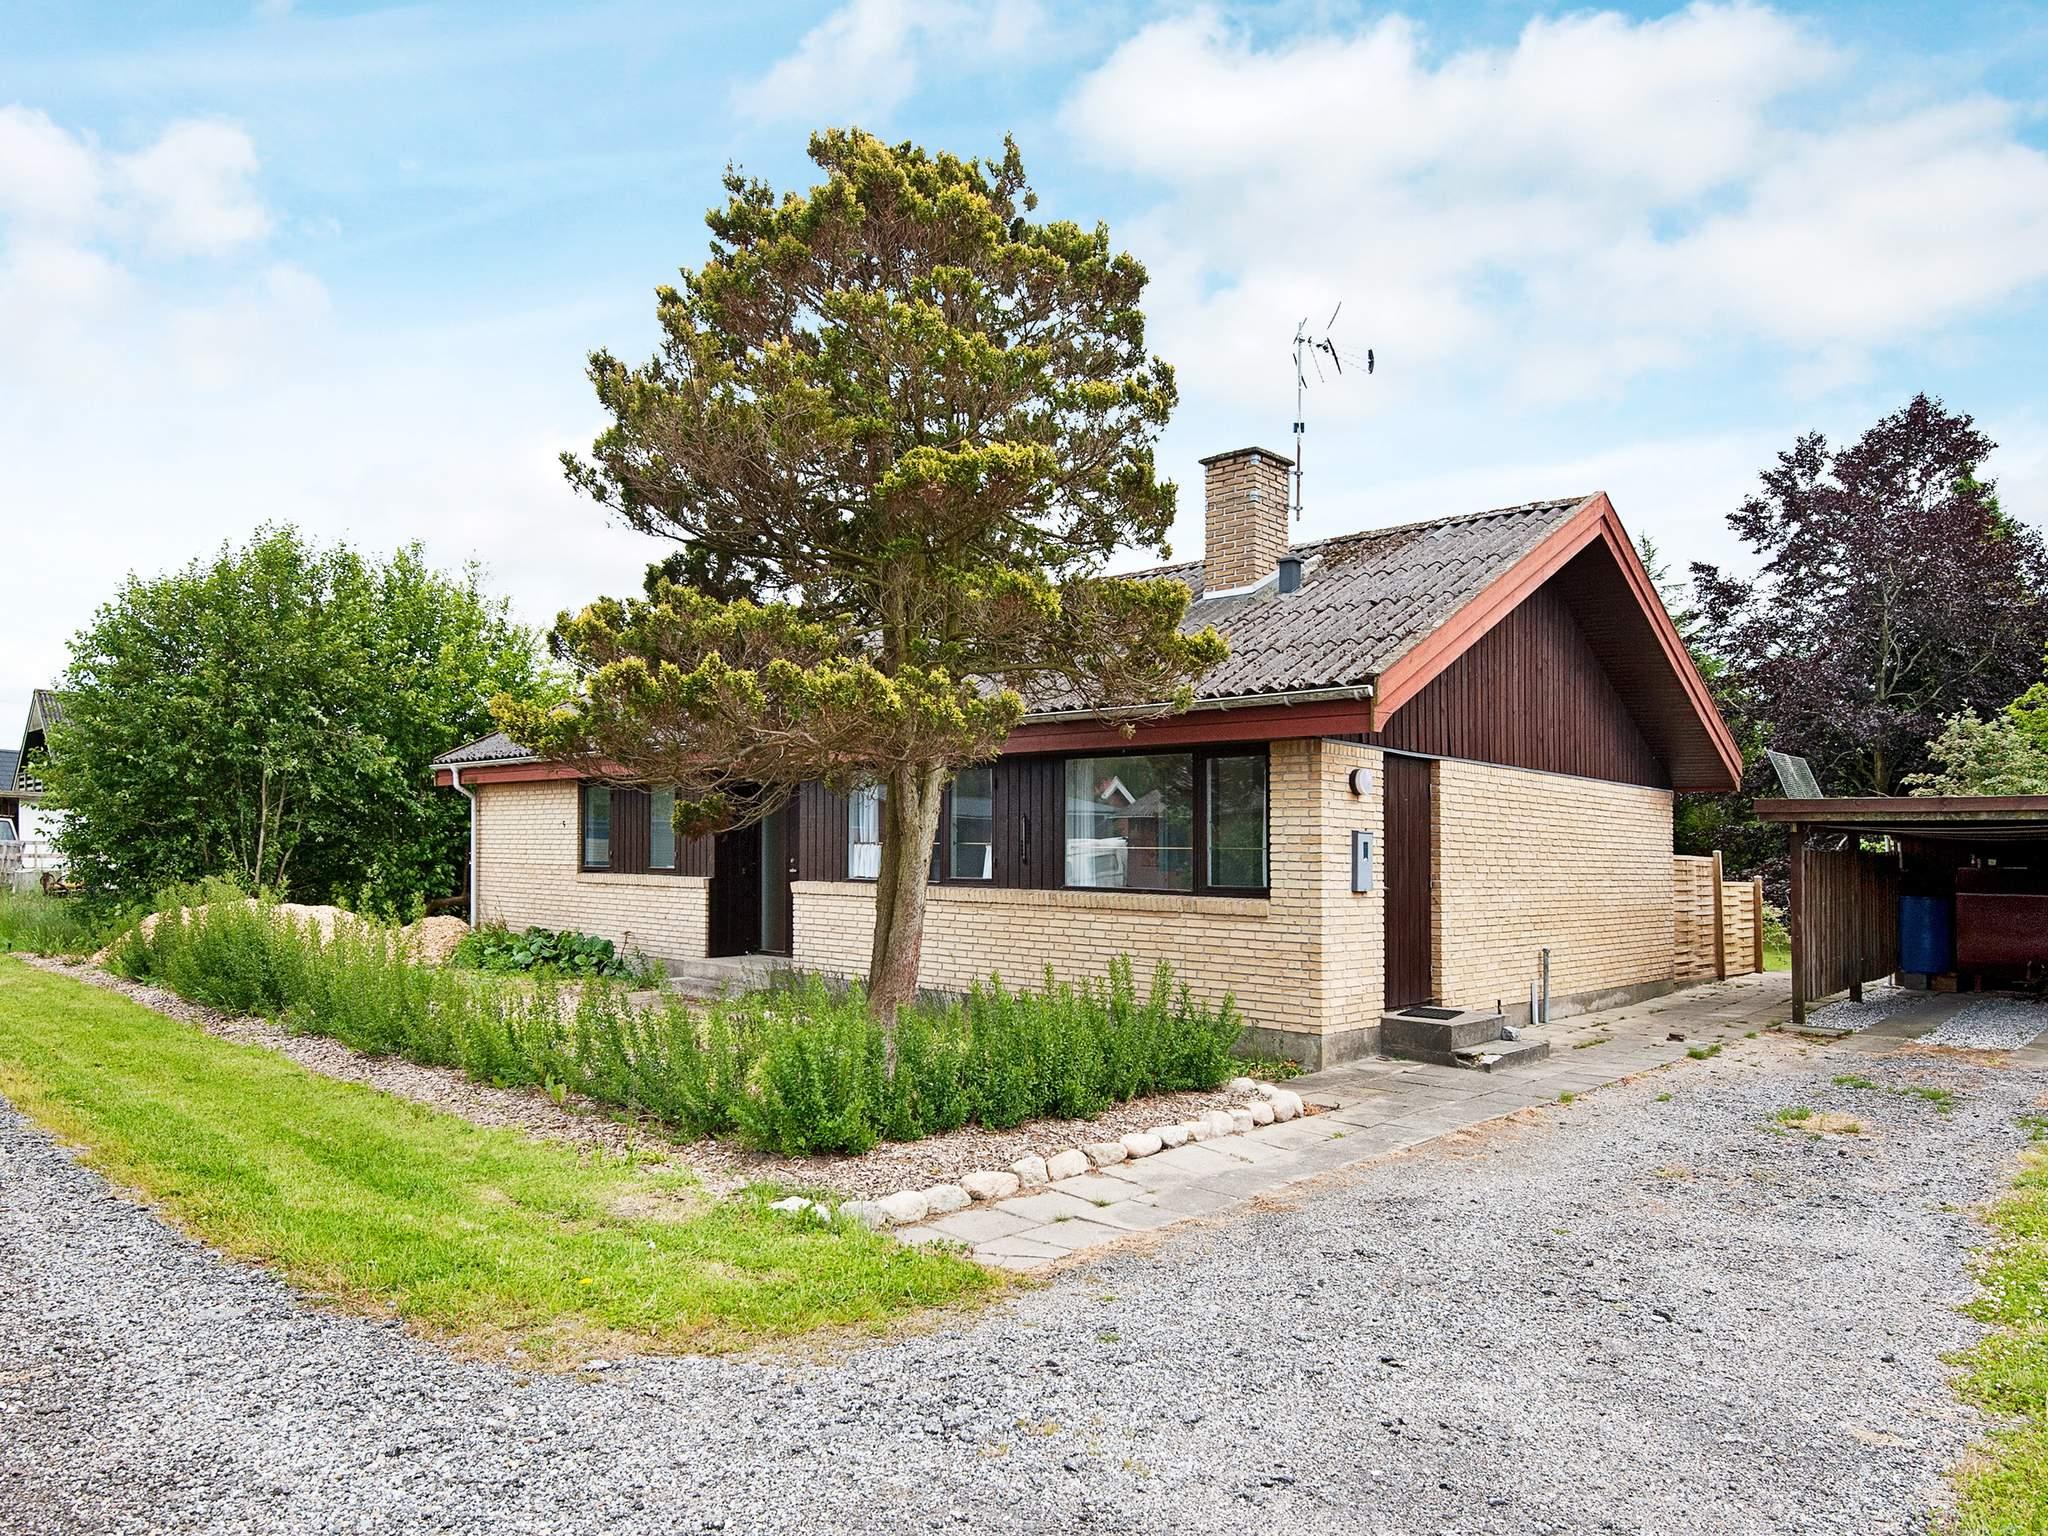 Ferienhaus Bønnerup Strand (1509341), Bønnerup, , Ostjütland, Dänemark, Bild 24